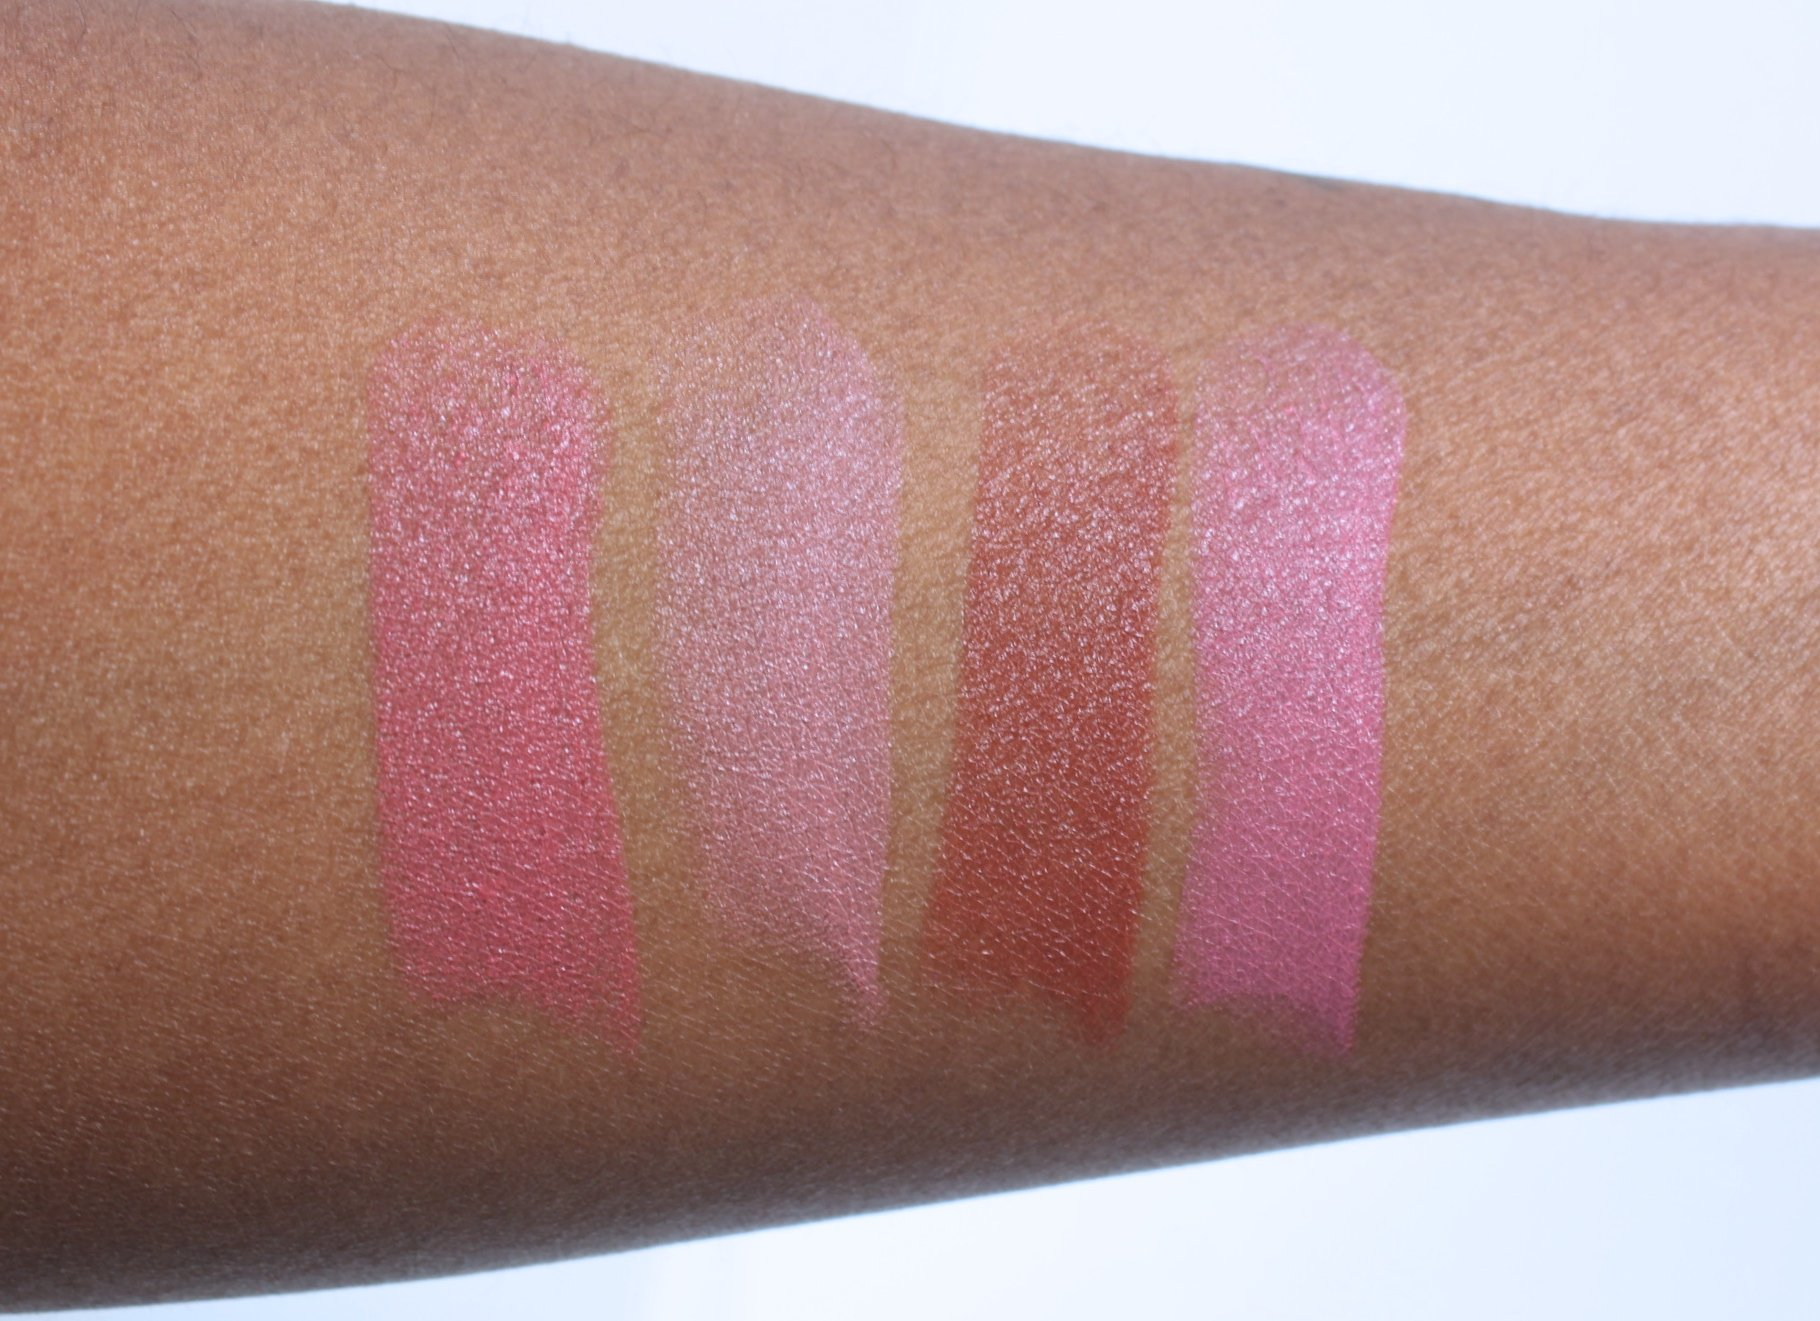 Jordana-Modern-Matte-Lipsticks-5